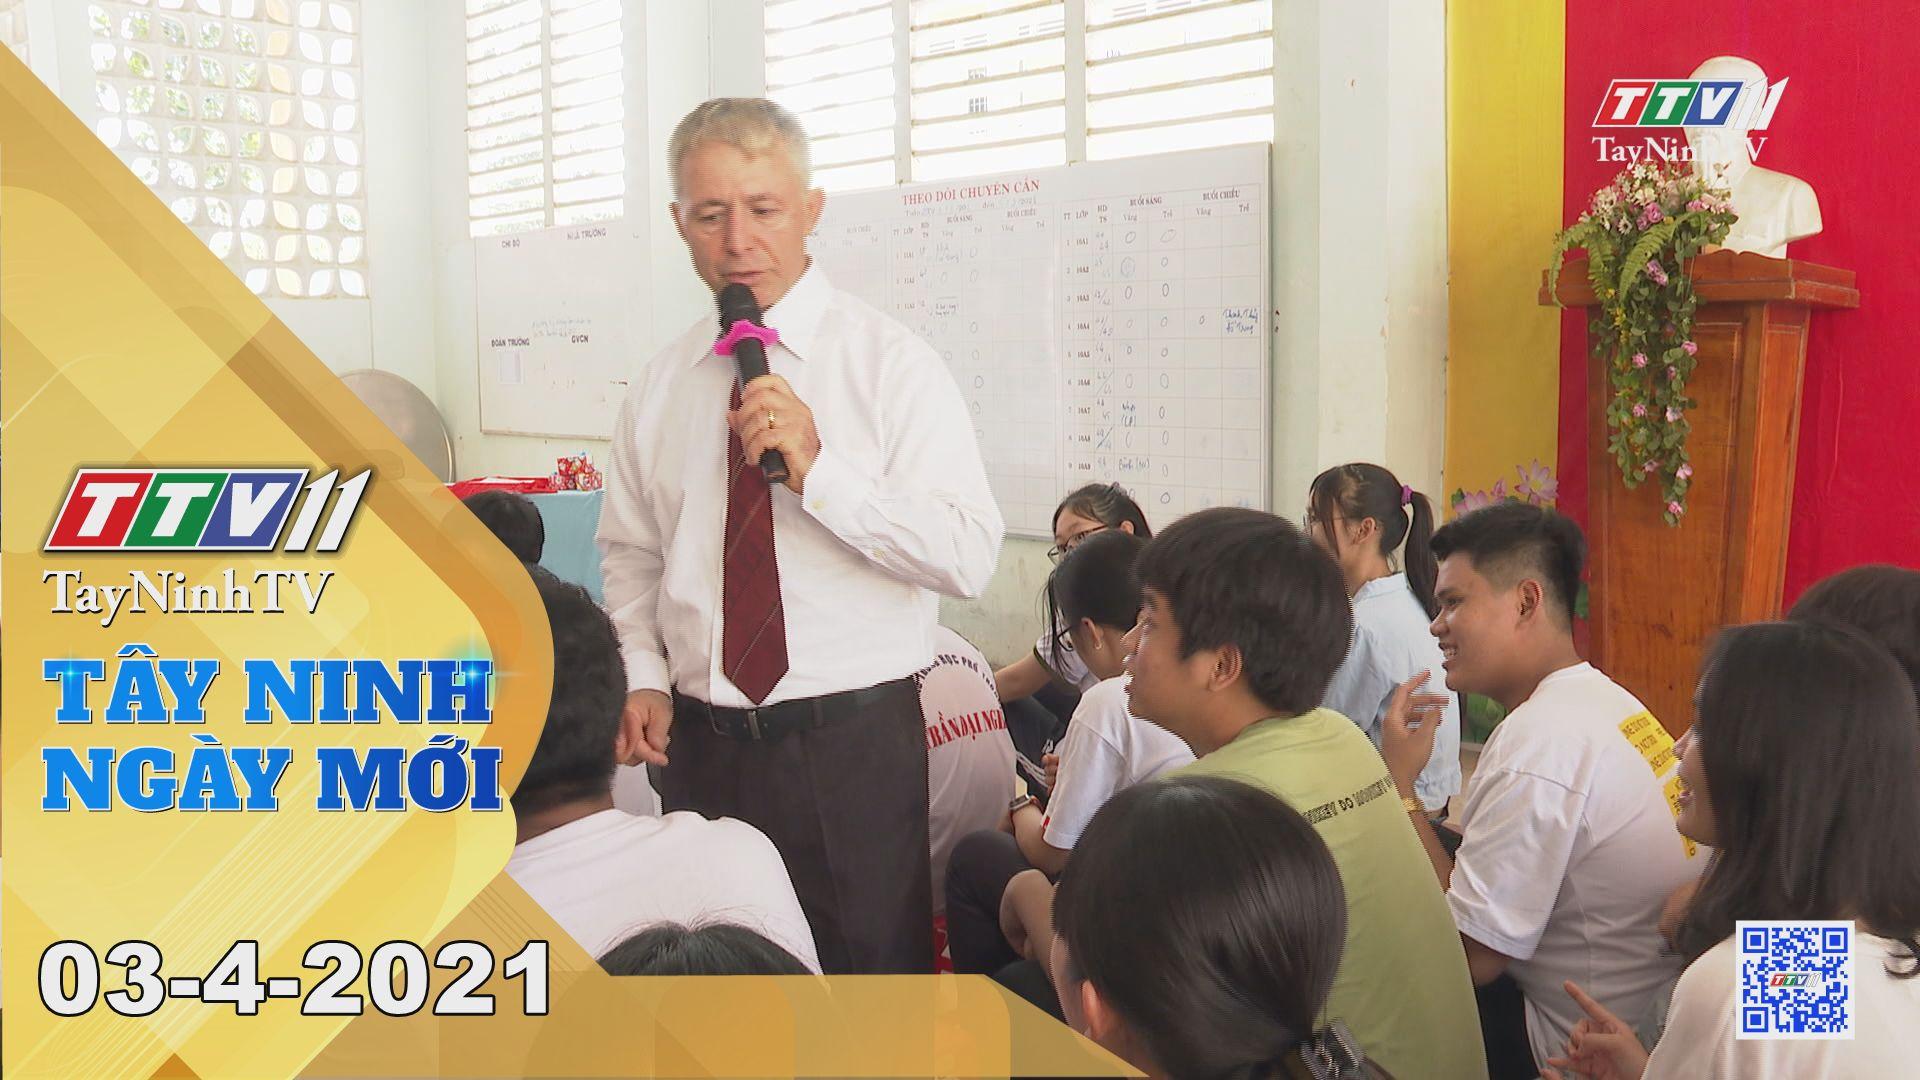 Tây Ninh Ngày Mới 03-4-2021 | Tin tức hôm nay | TayNinhTV